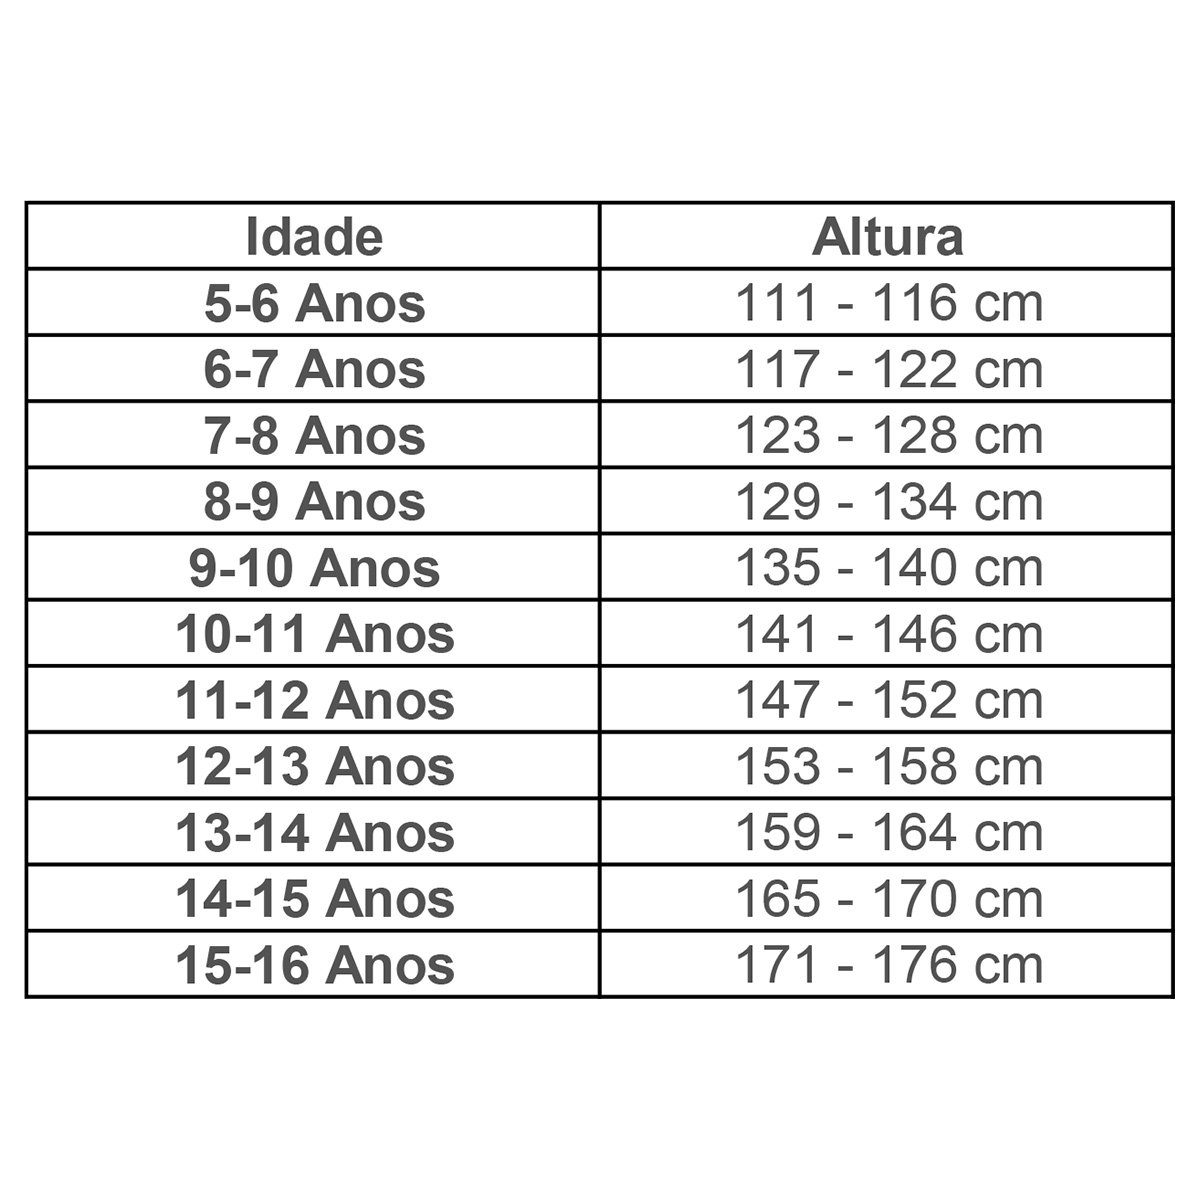 I Sport Vermelho Torcedor 17 Infantil Camisa Recife e Preto nº 18 s Adidas tOCqwx